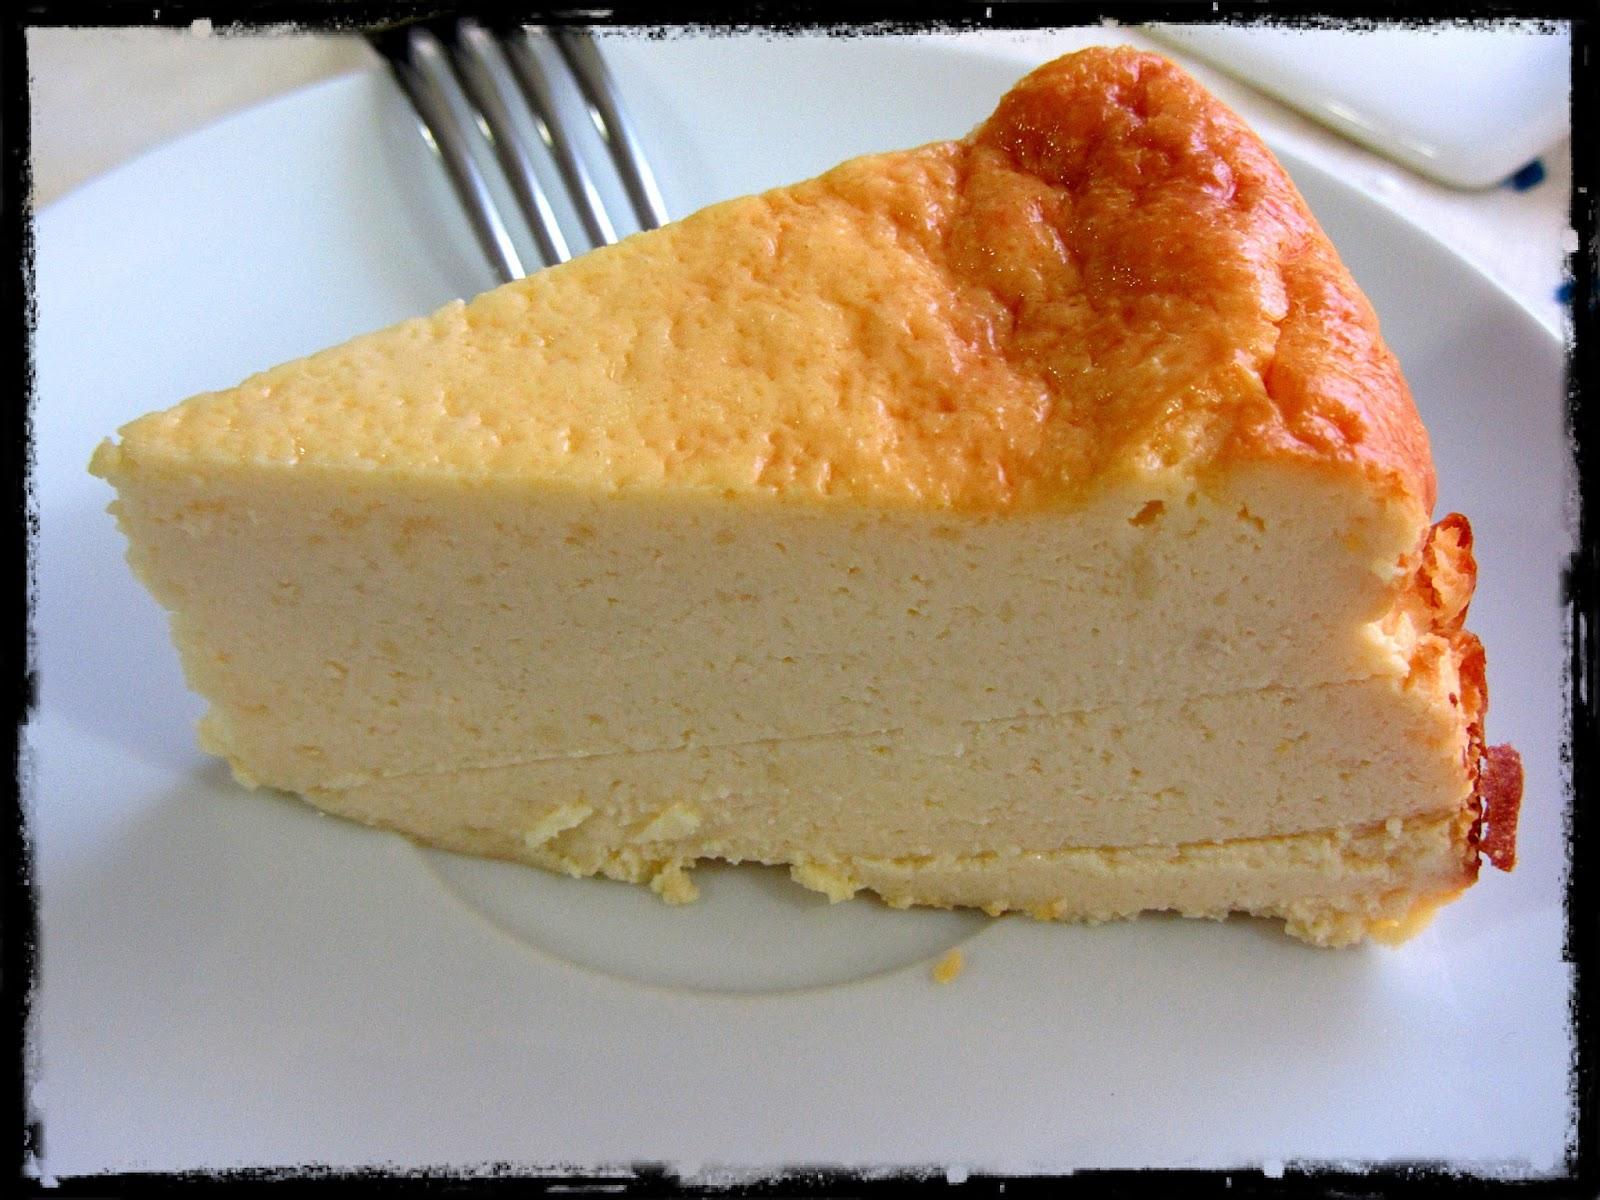 Imagenes De Queso Crema: Tarta De Queso Crema